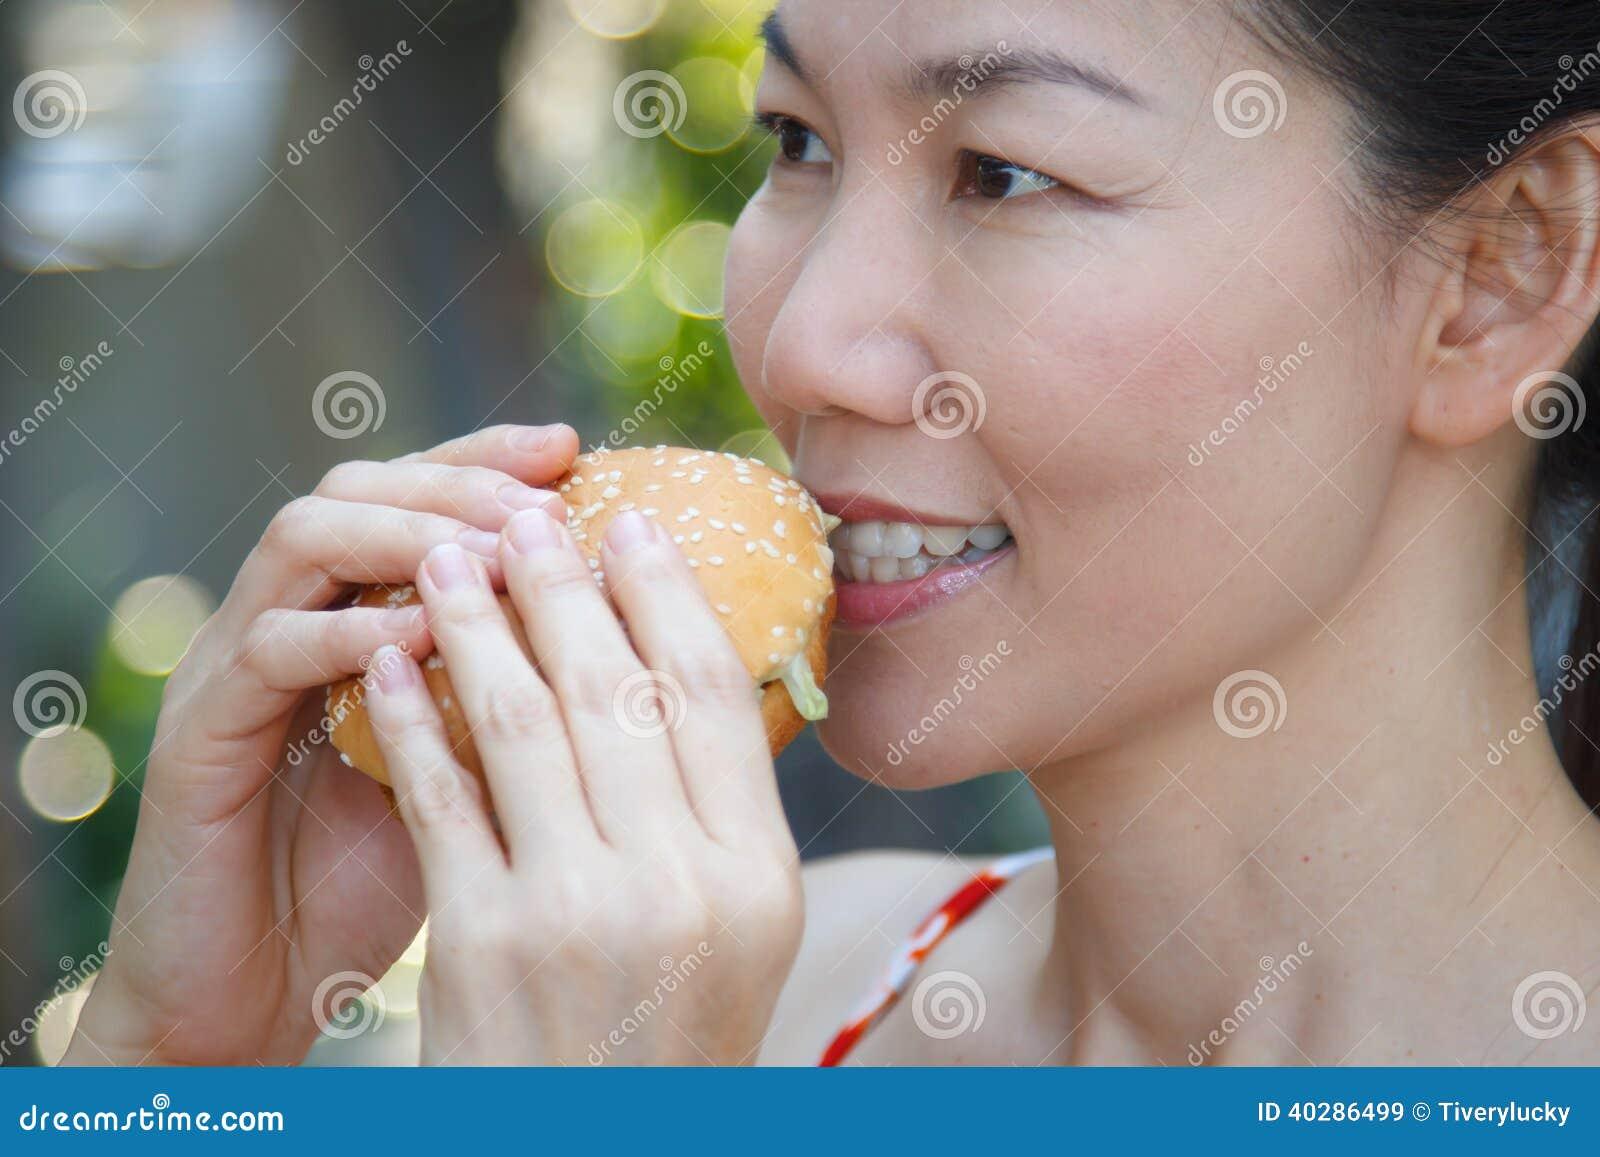 Женщина есть гамбургер